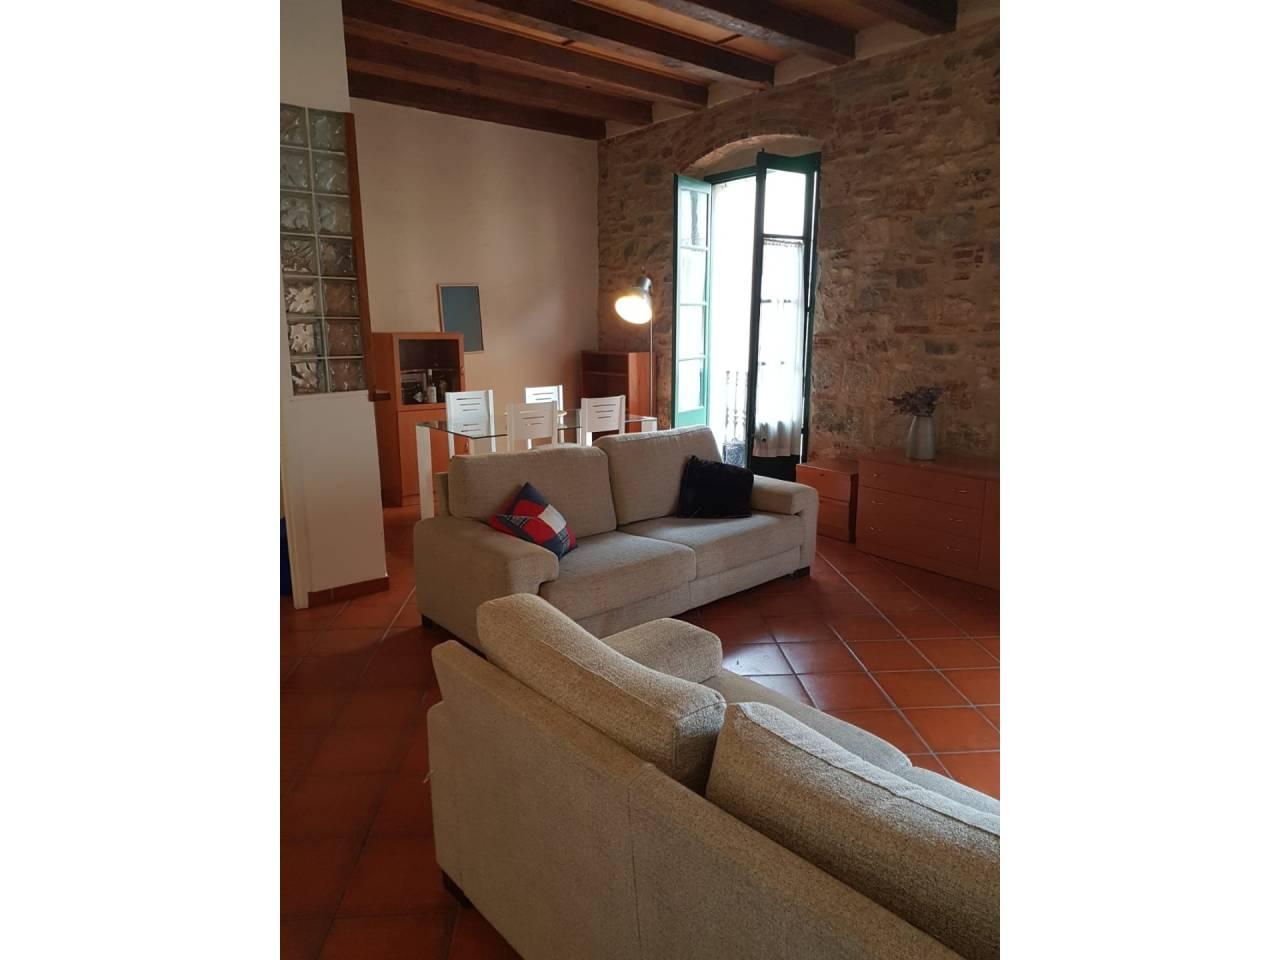 Alquiler Piso  Calle abeuradors. Superf. 65 m², útil 63 m²,  2 habitaciones ( 1 suite,  1 individ